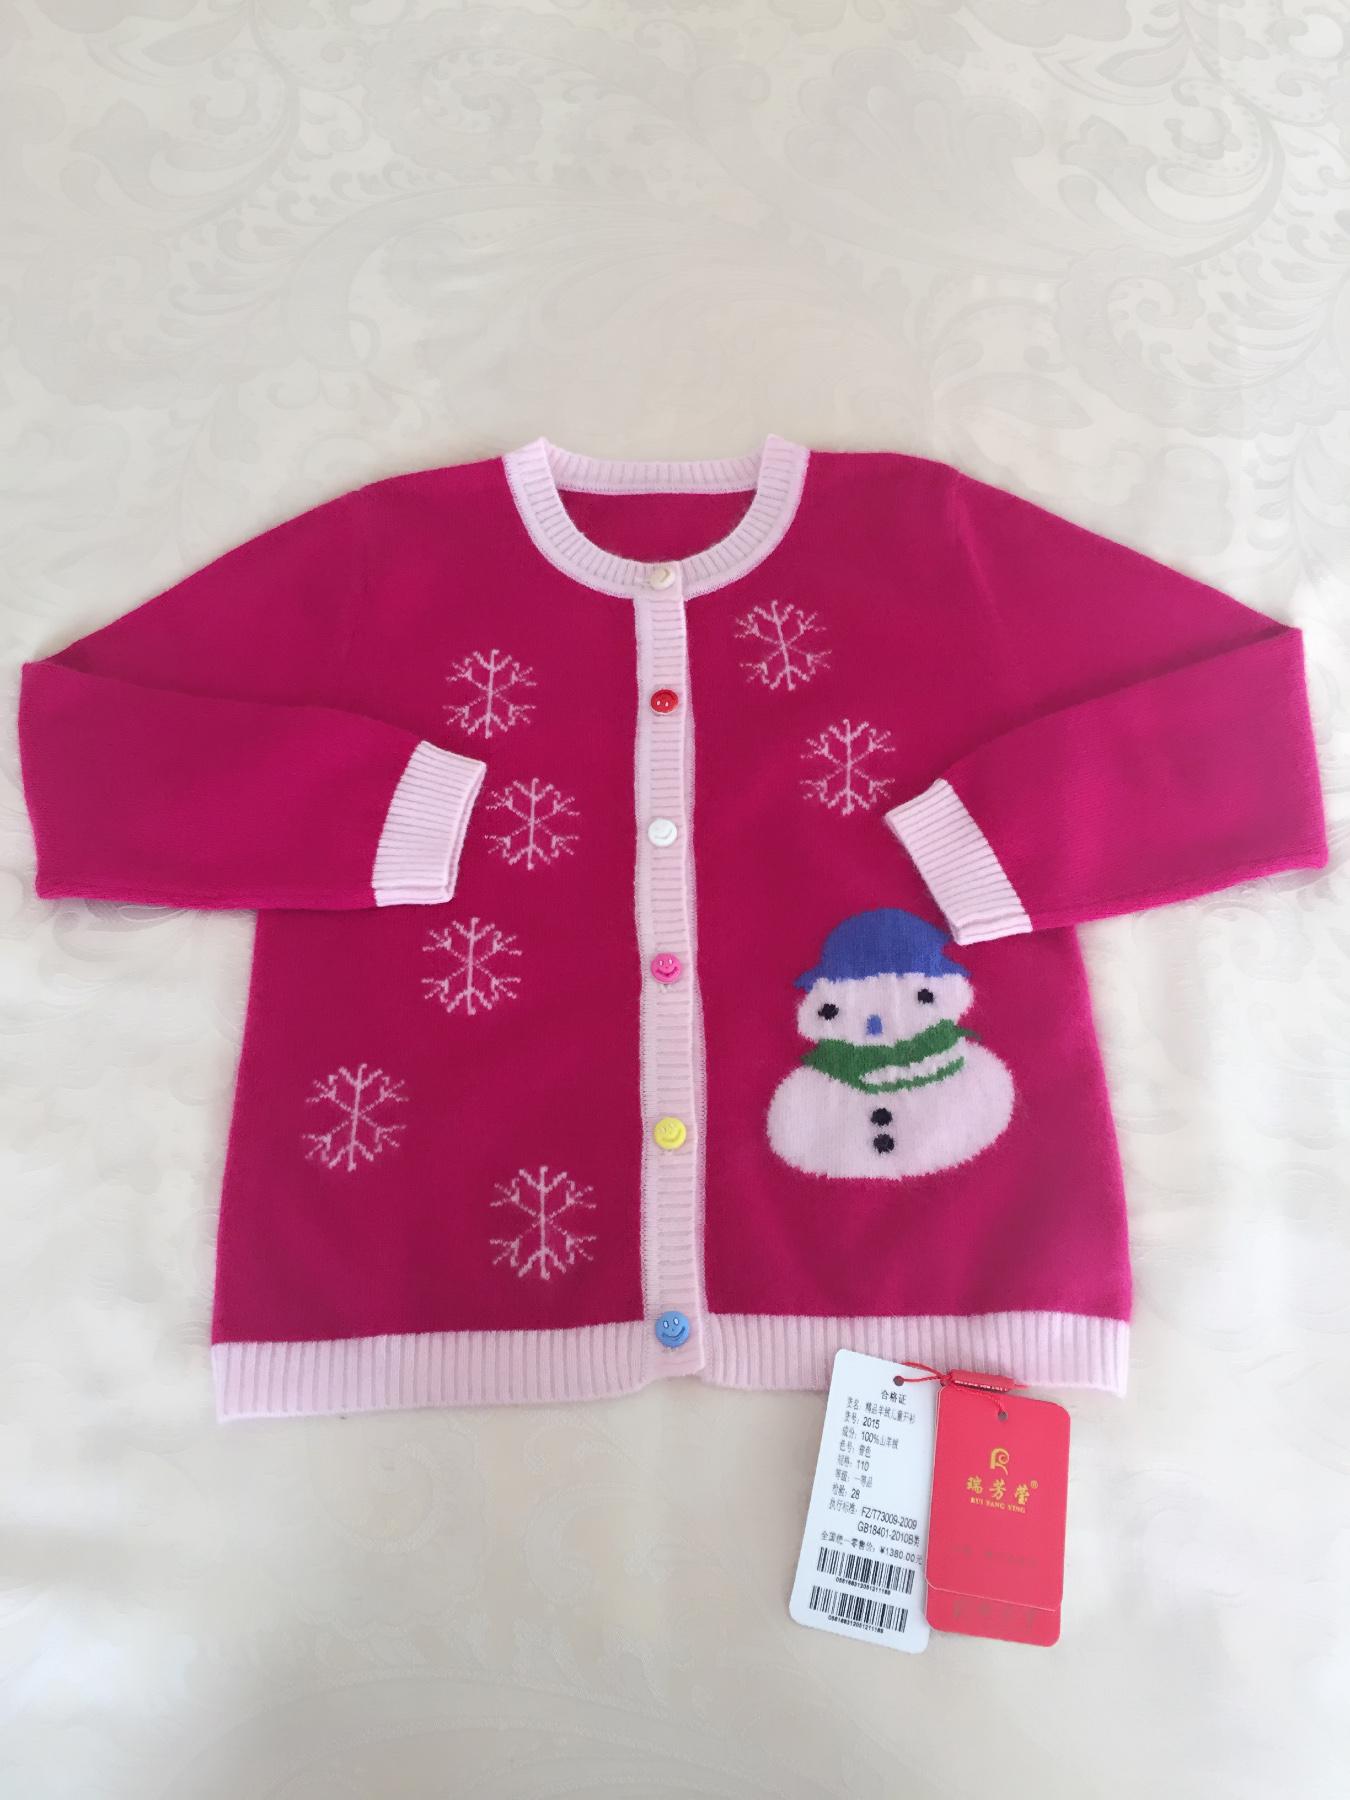 儿童羊绒衫 男宝宝女宝宝 圆领系扣开衫卡通雪人图片